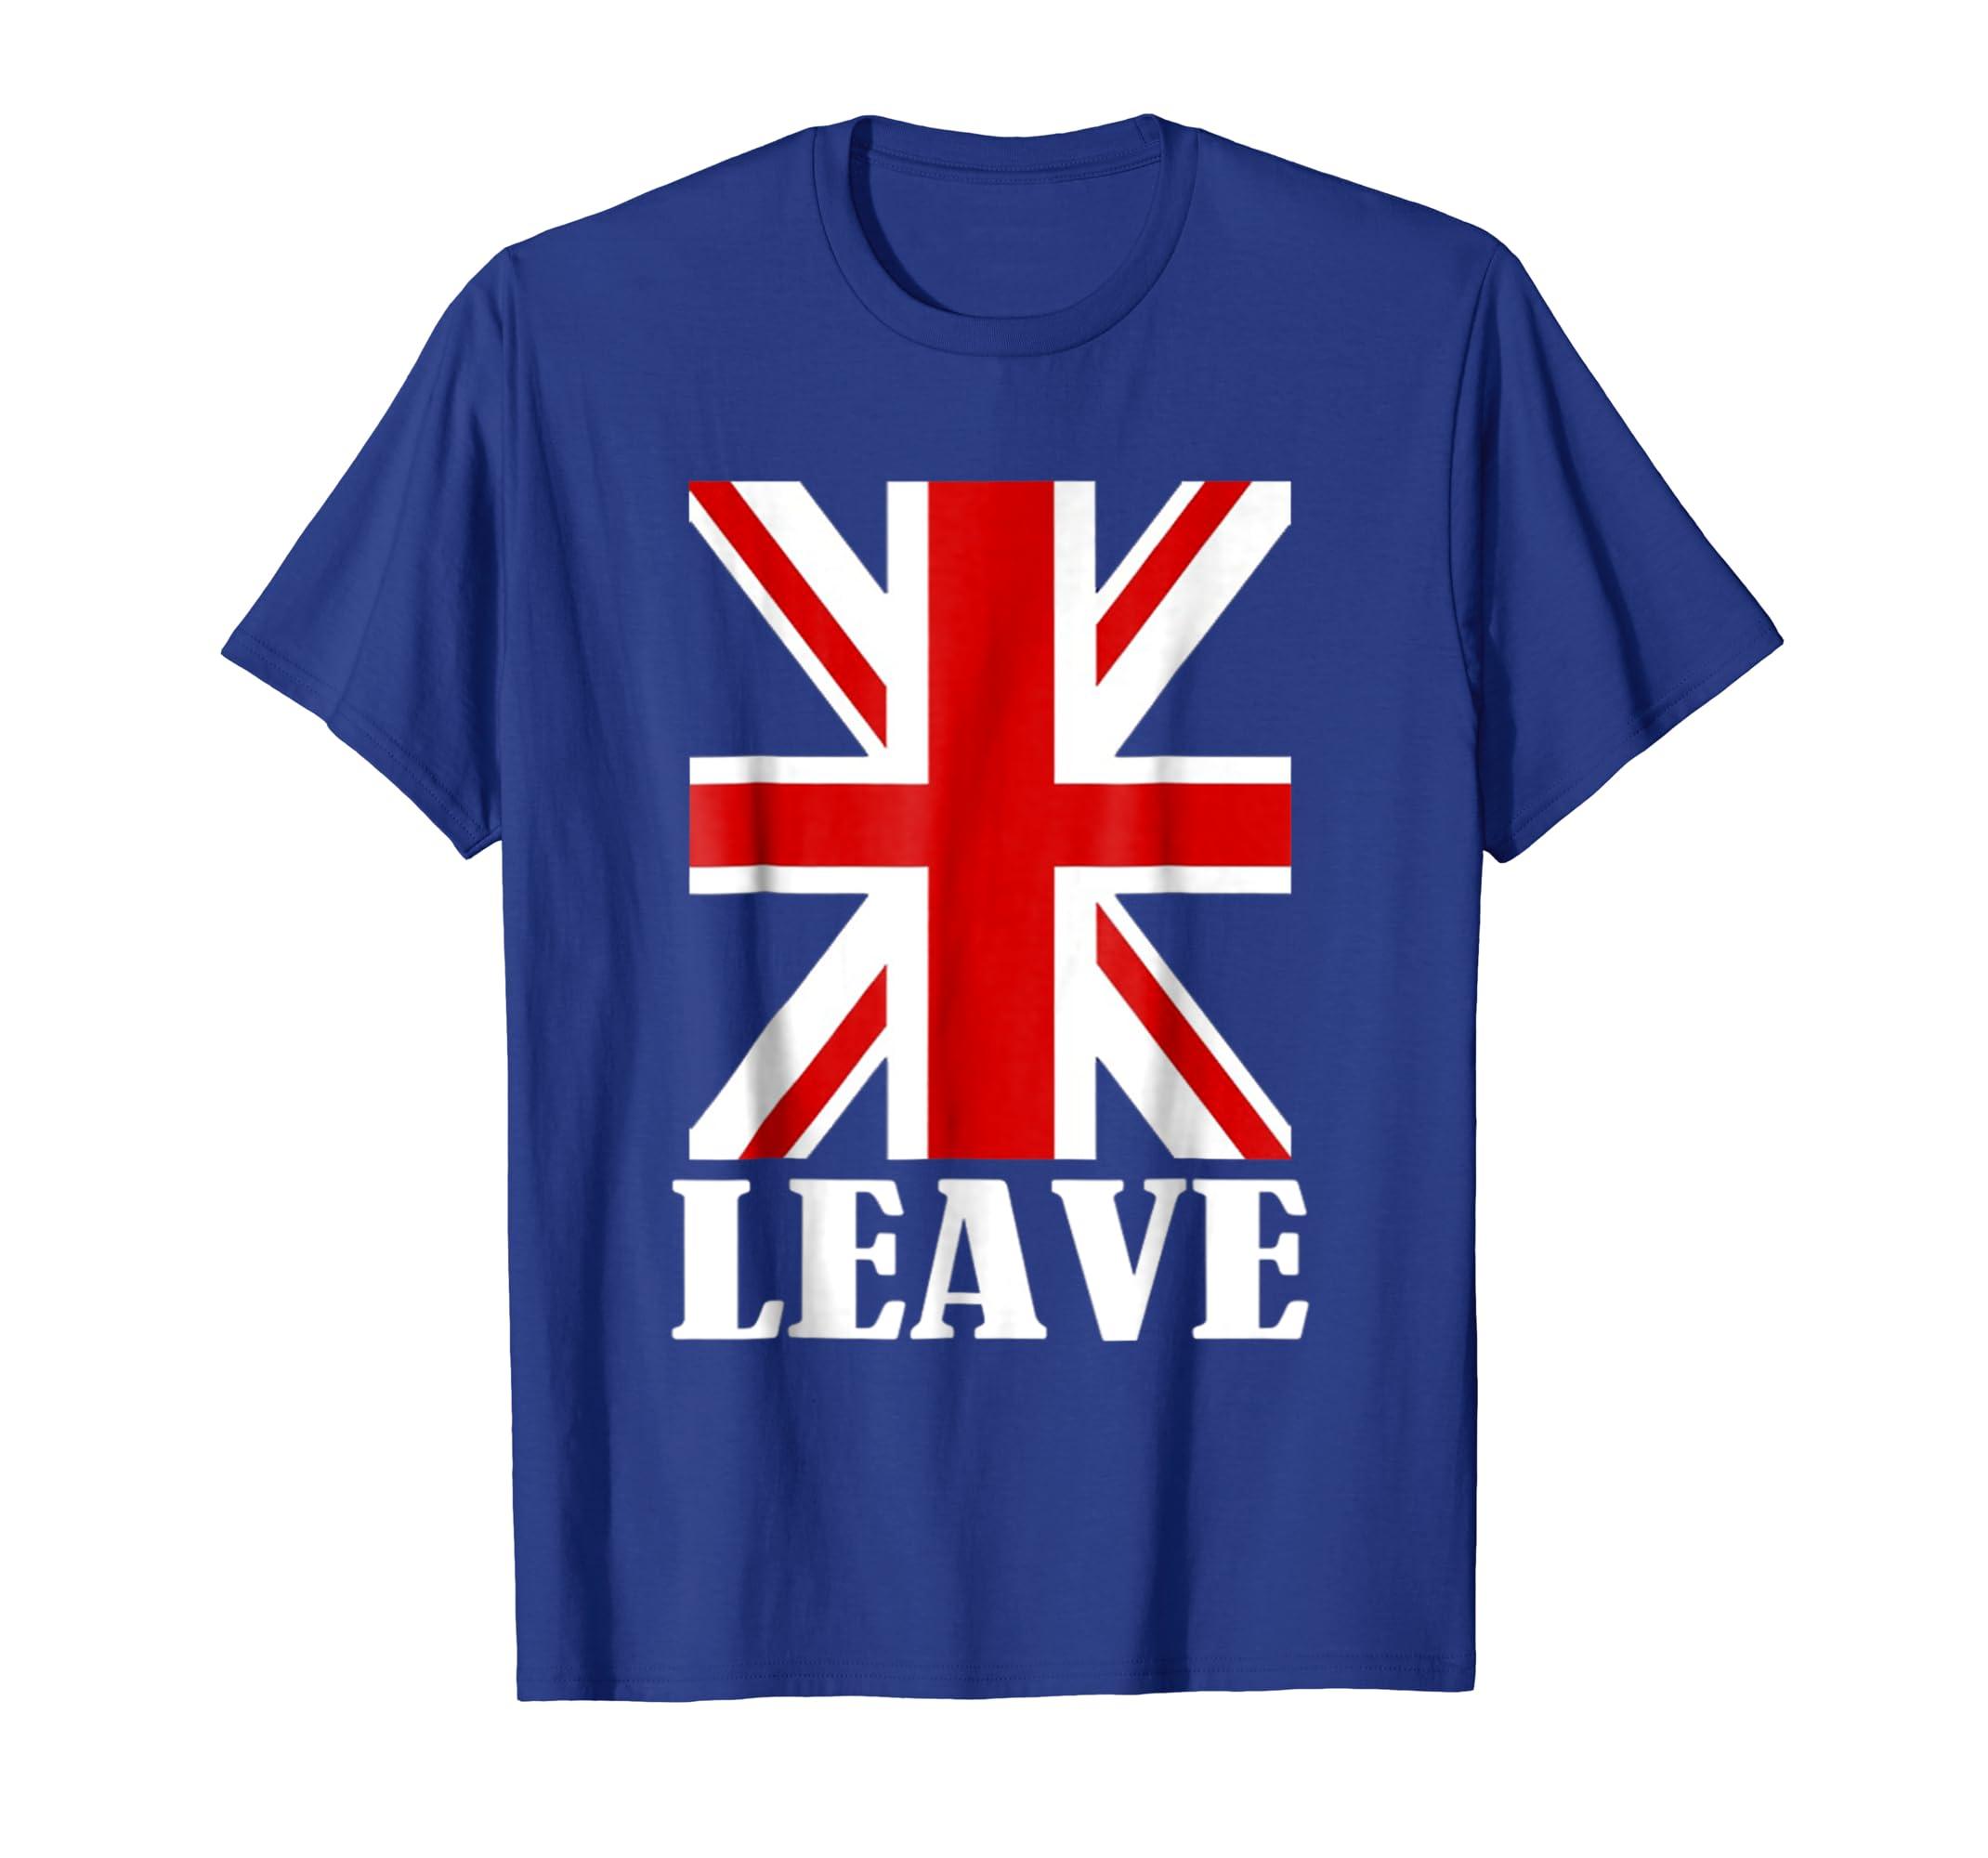 a05b349de Amazon.com: Pro Brexit T-Shirt Anti EU - UK Referendum Vote LEAVE: Clothing